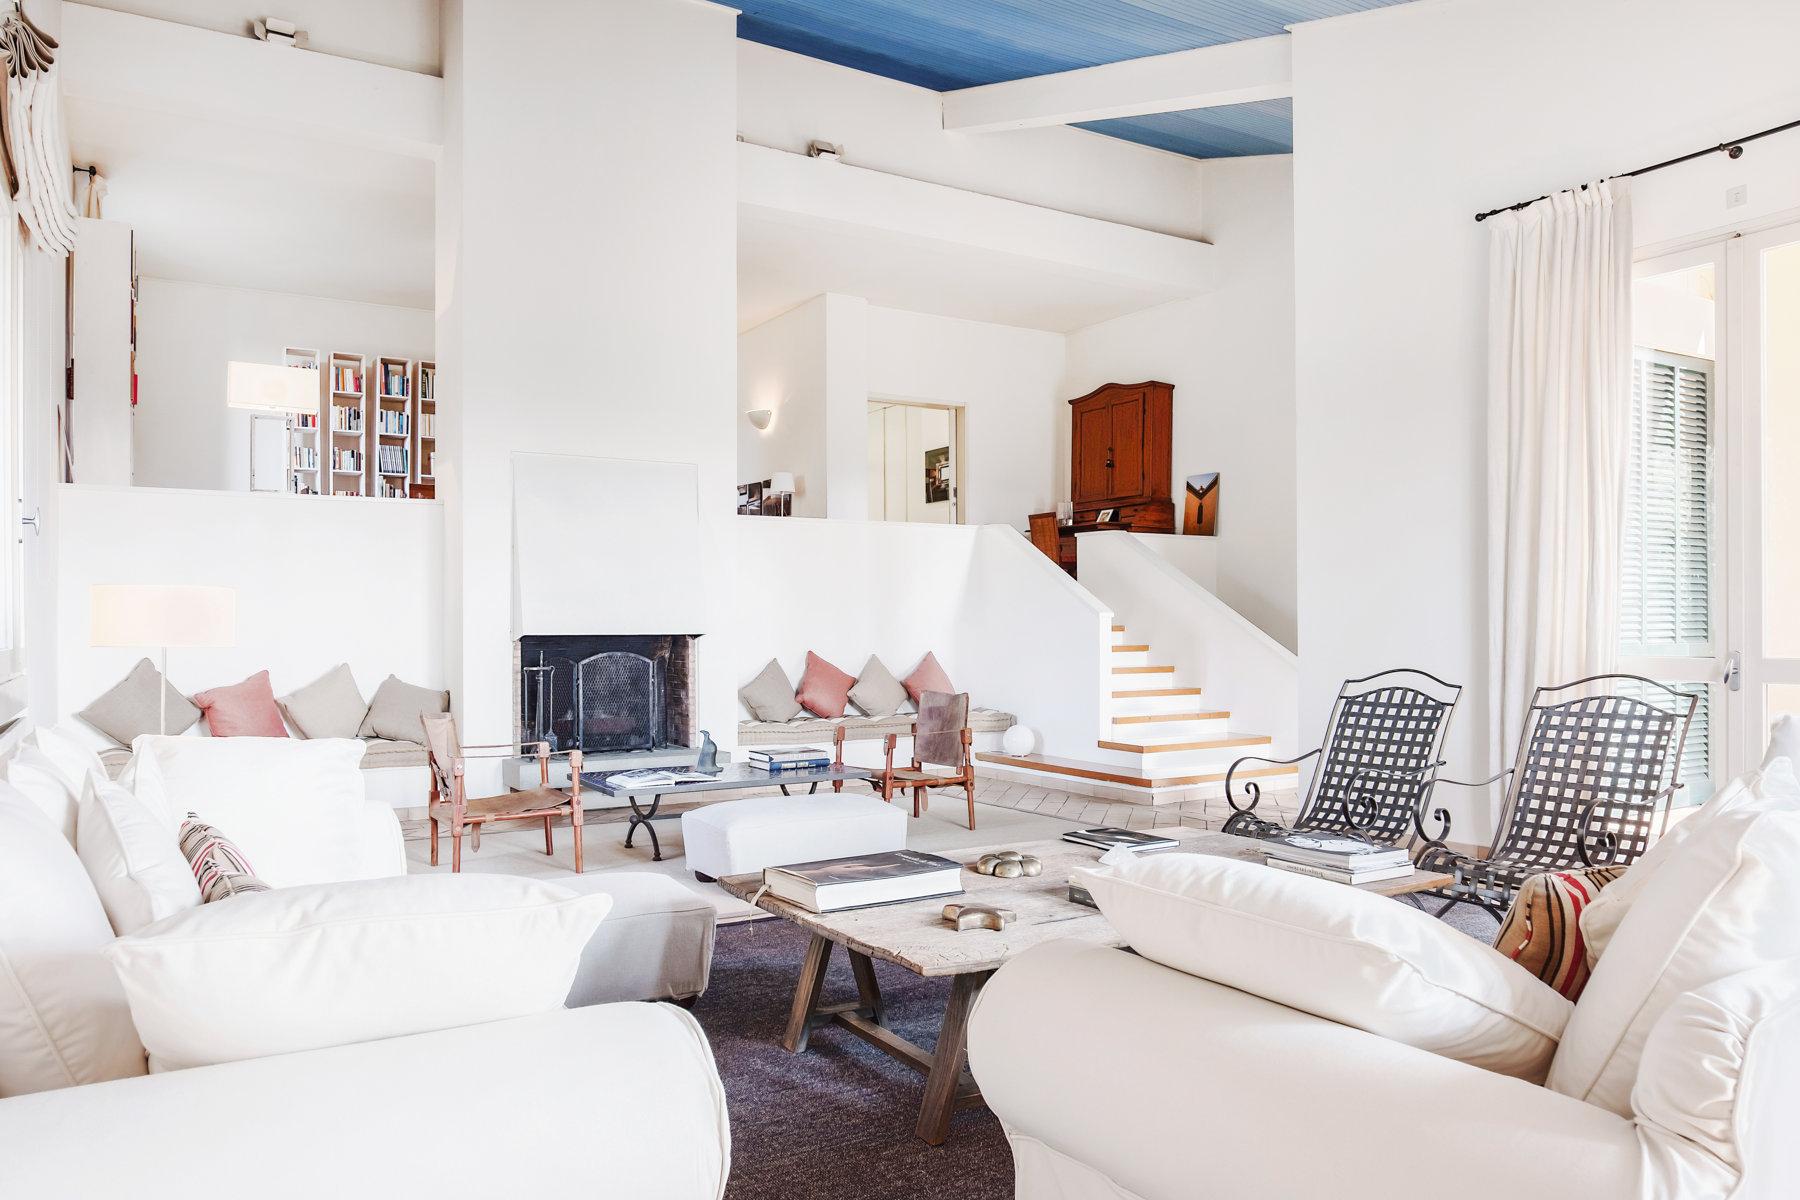 Villa in Vendita a Fiesole via delle palazzine